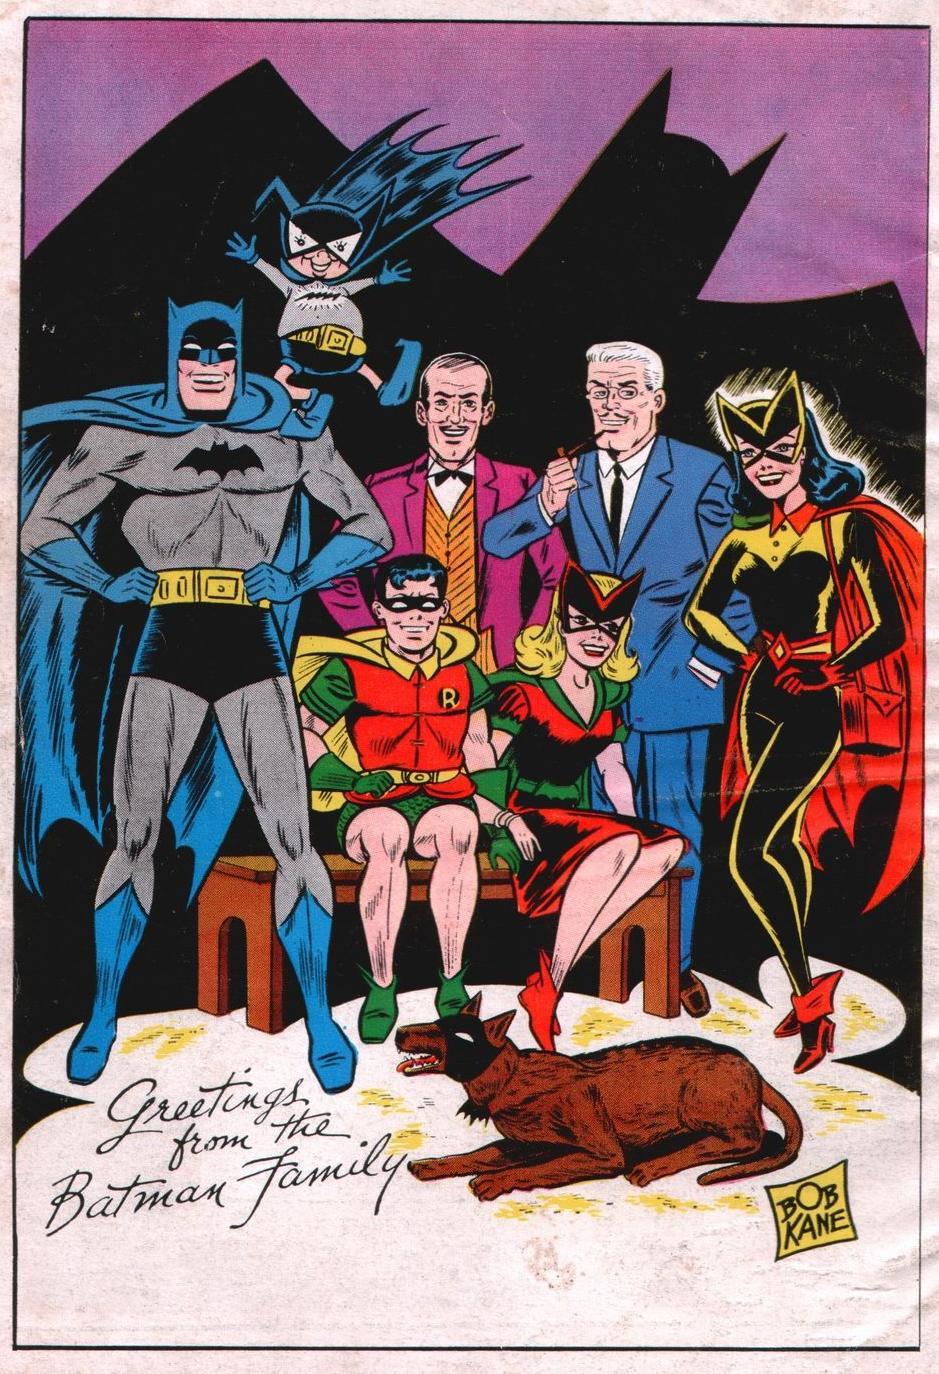 Drawn batman bob kane The Danger BobKane2 1953 76